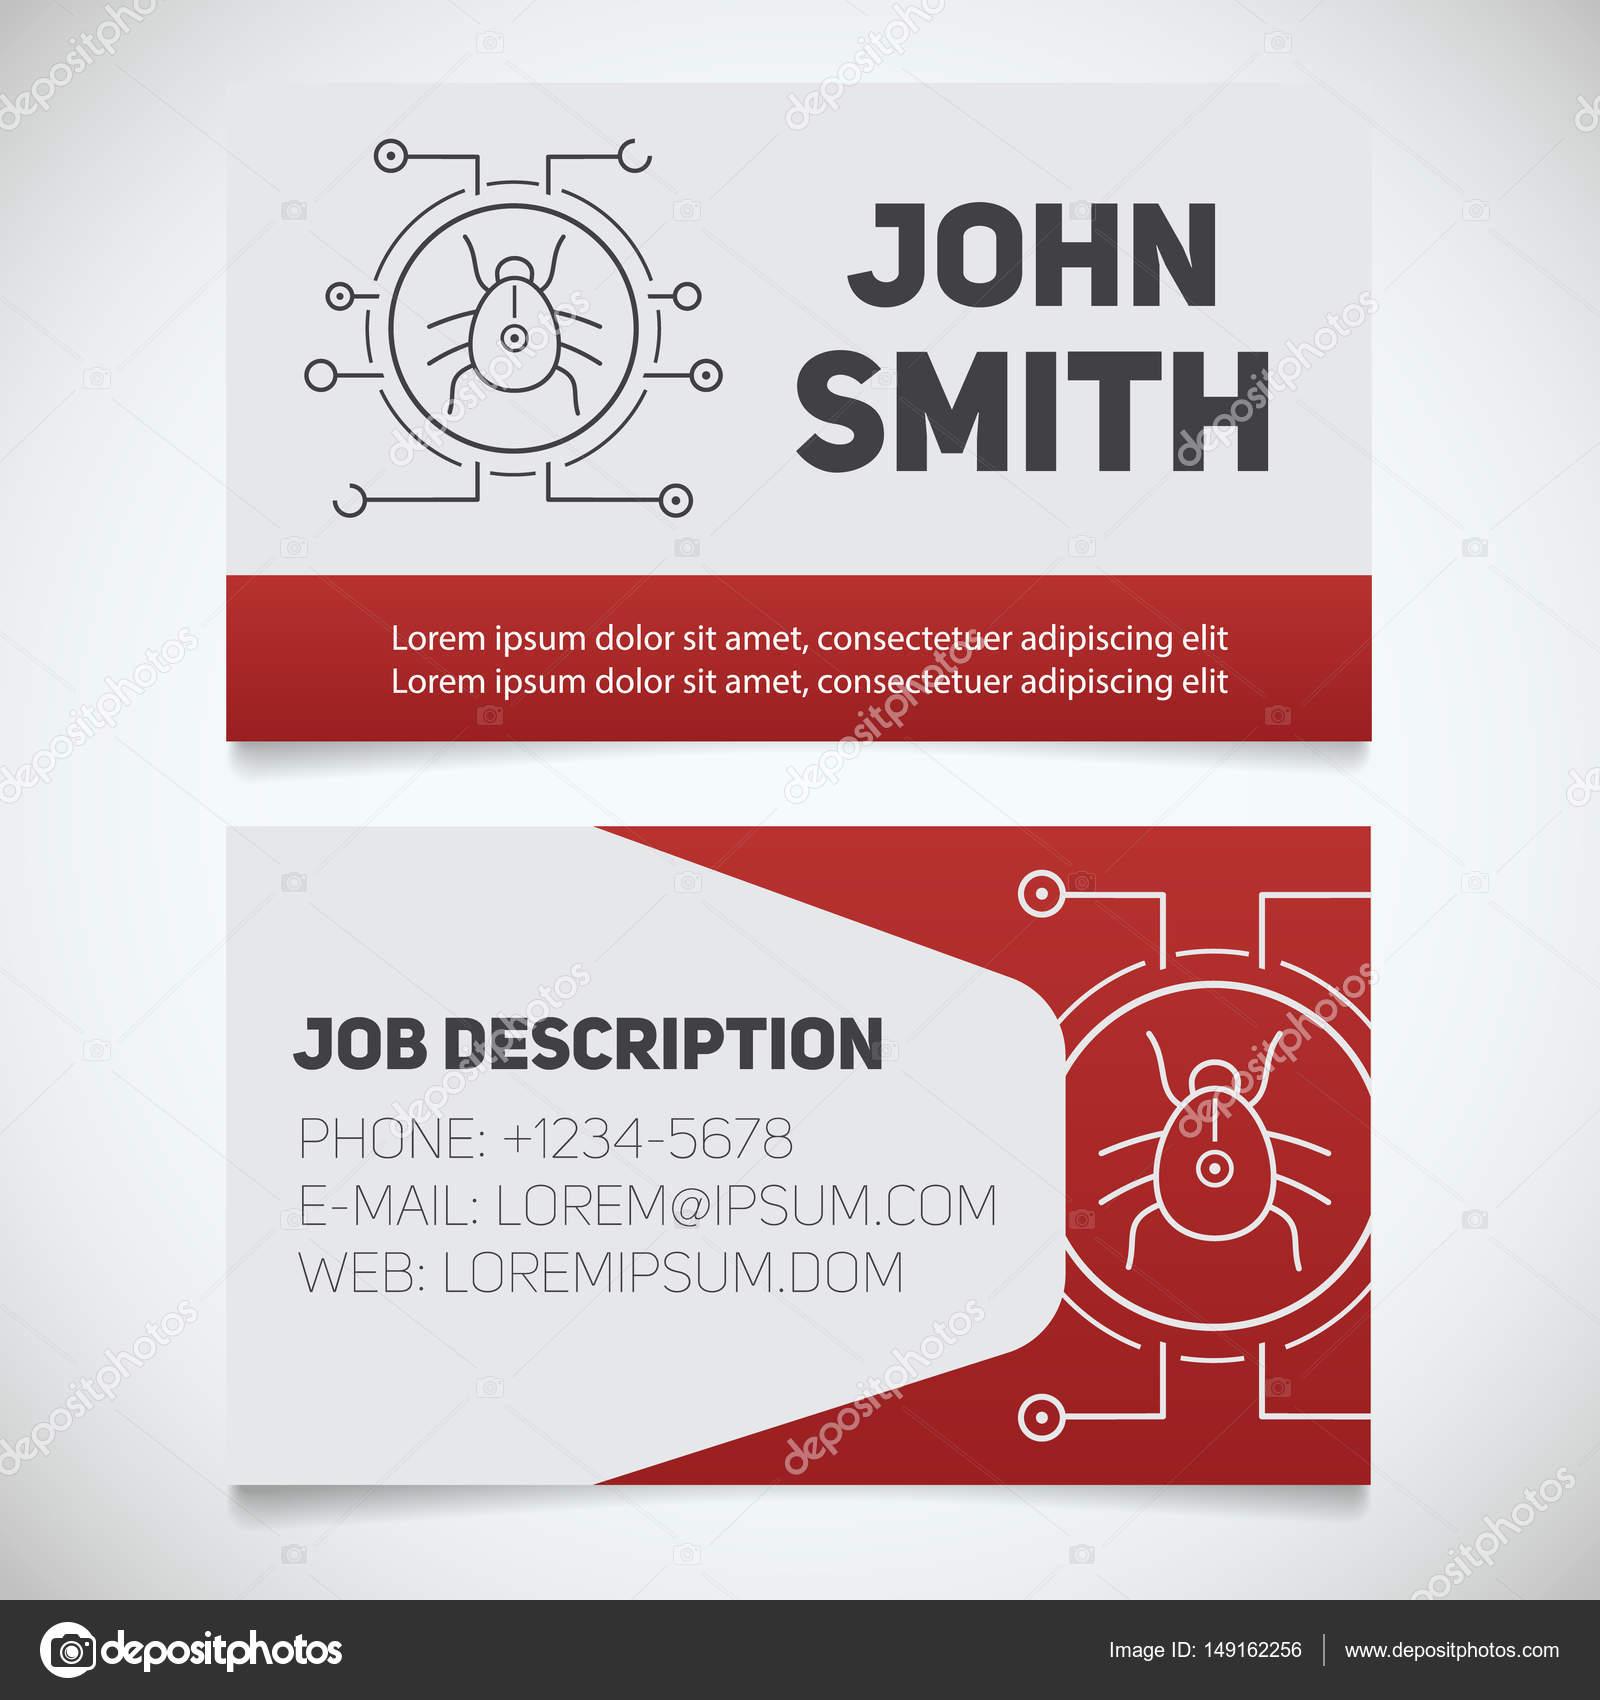 Modle Dimpression Carte De Visite Avec Logo Bogue Virus Informatique Facile Dditer Programmeur Cyber Scurit Concept Design Papeterie